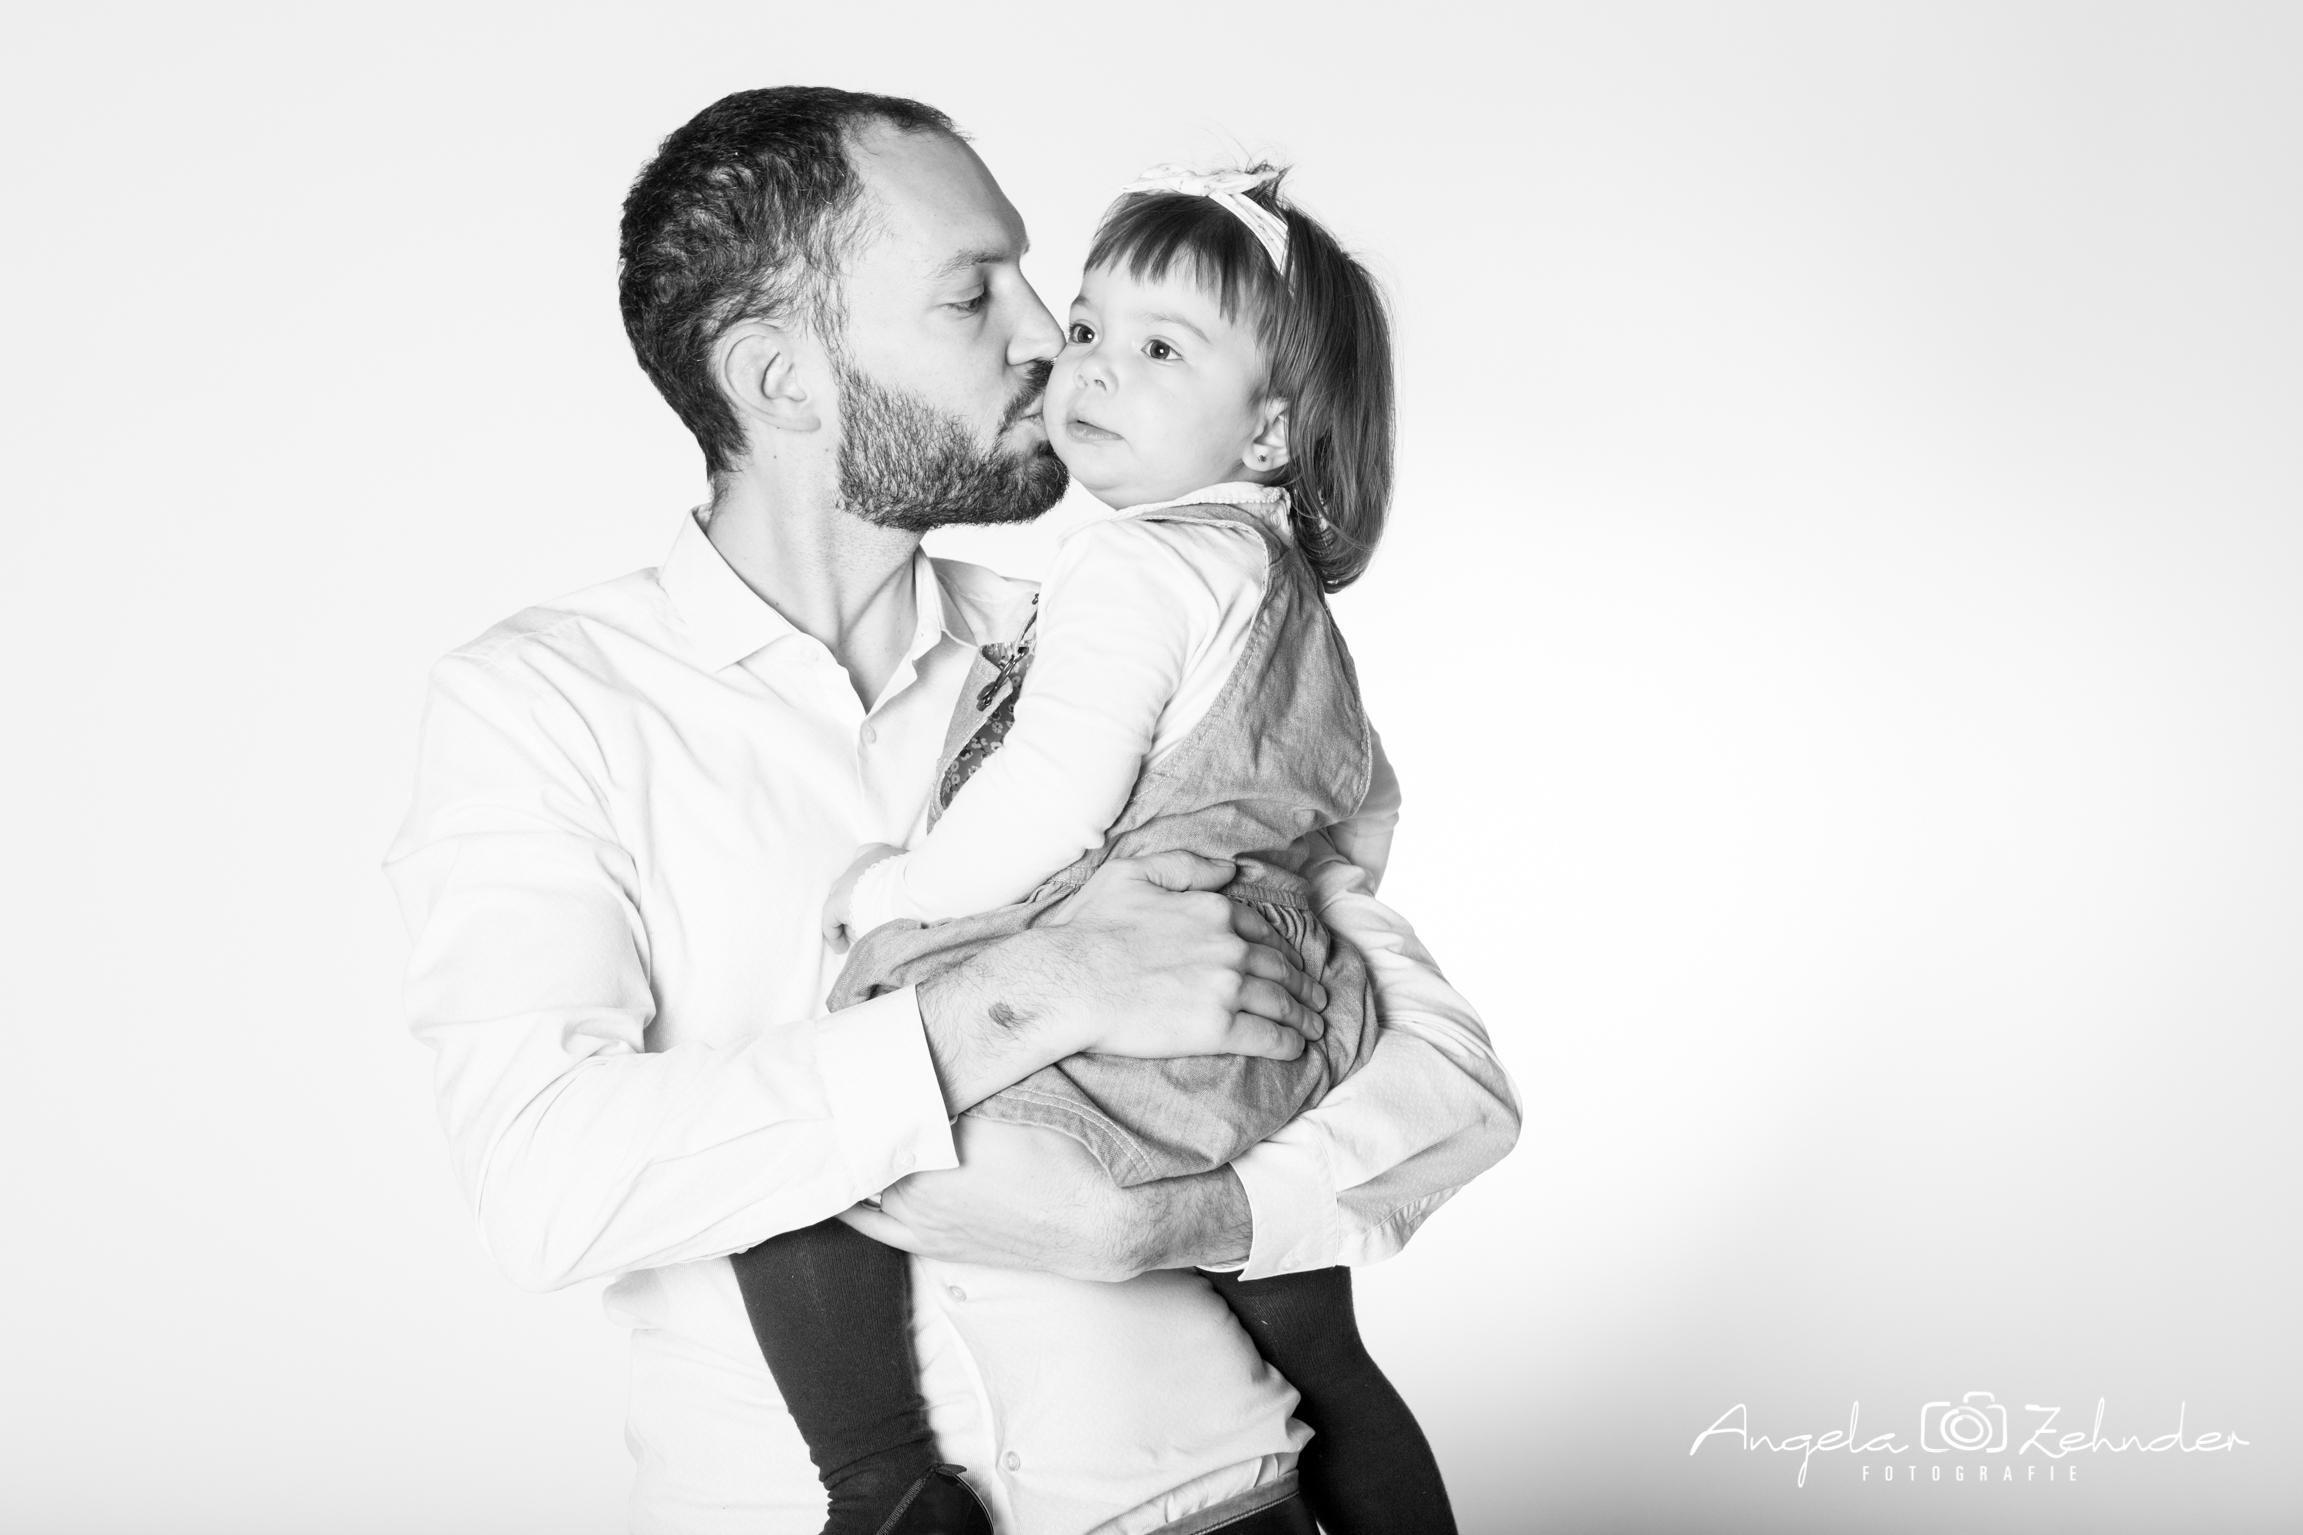 angel-zehnder-fotografie-family-33